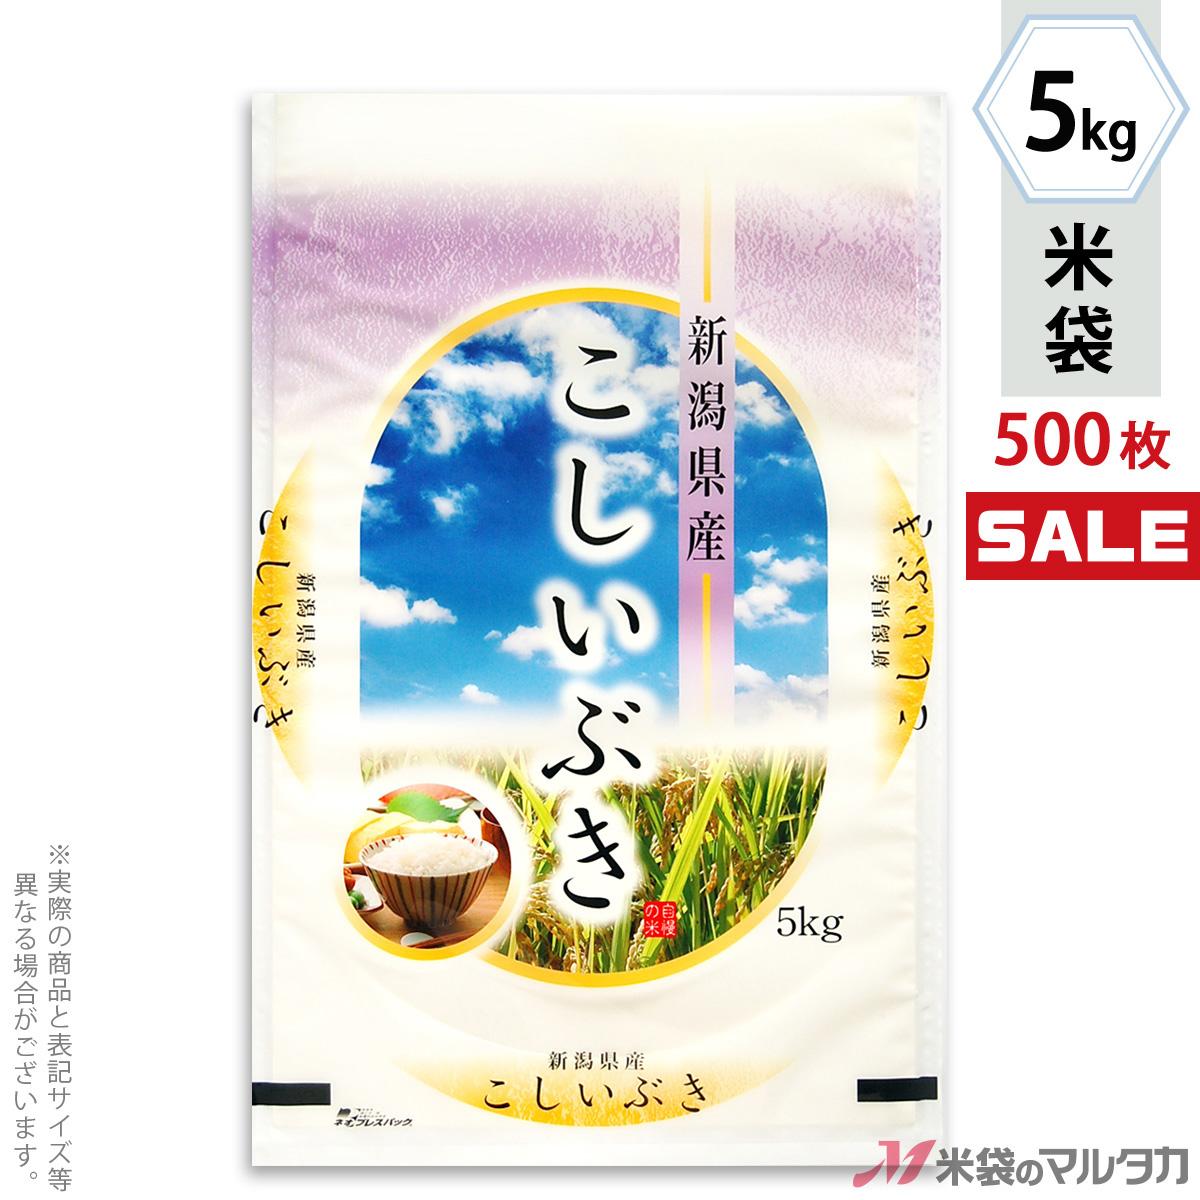 <キャンペーン対応>米袋 ポリポリ ネオブレス 新潟産こしいぶき 越後の風 5kg 1ケース(500枚入) MP-5007